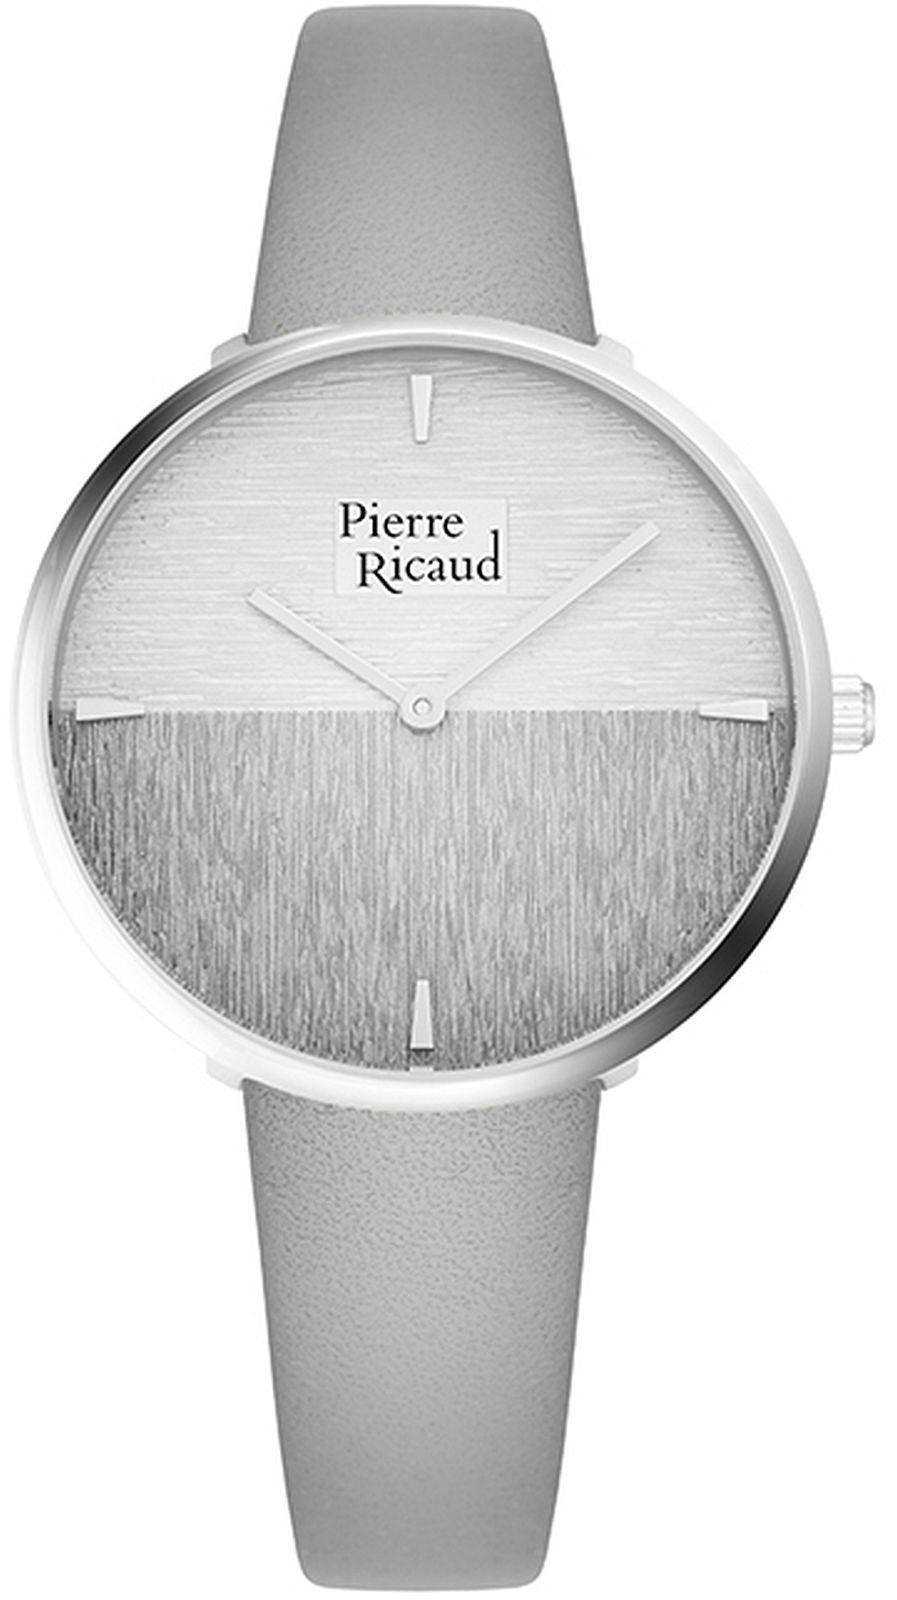 Pierre Ricaud P22086.5G13Q > Wysyłka tego samego dnia Grawer 0zł Darmowa dostawa Kurierem/Inpost Darmowy zwrot przez 100 DNI